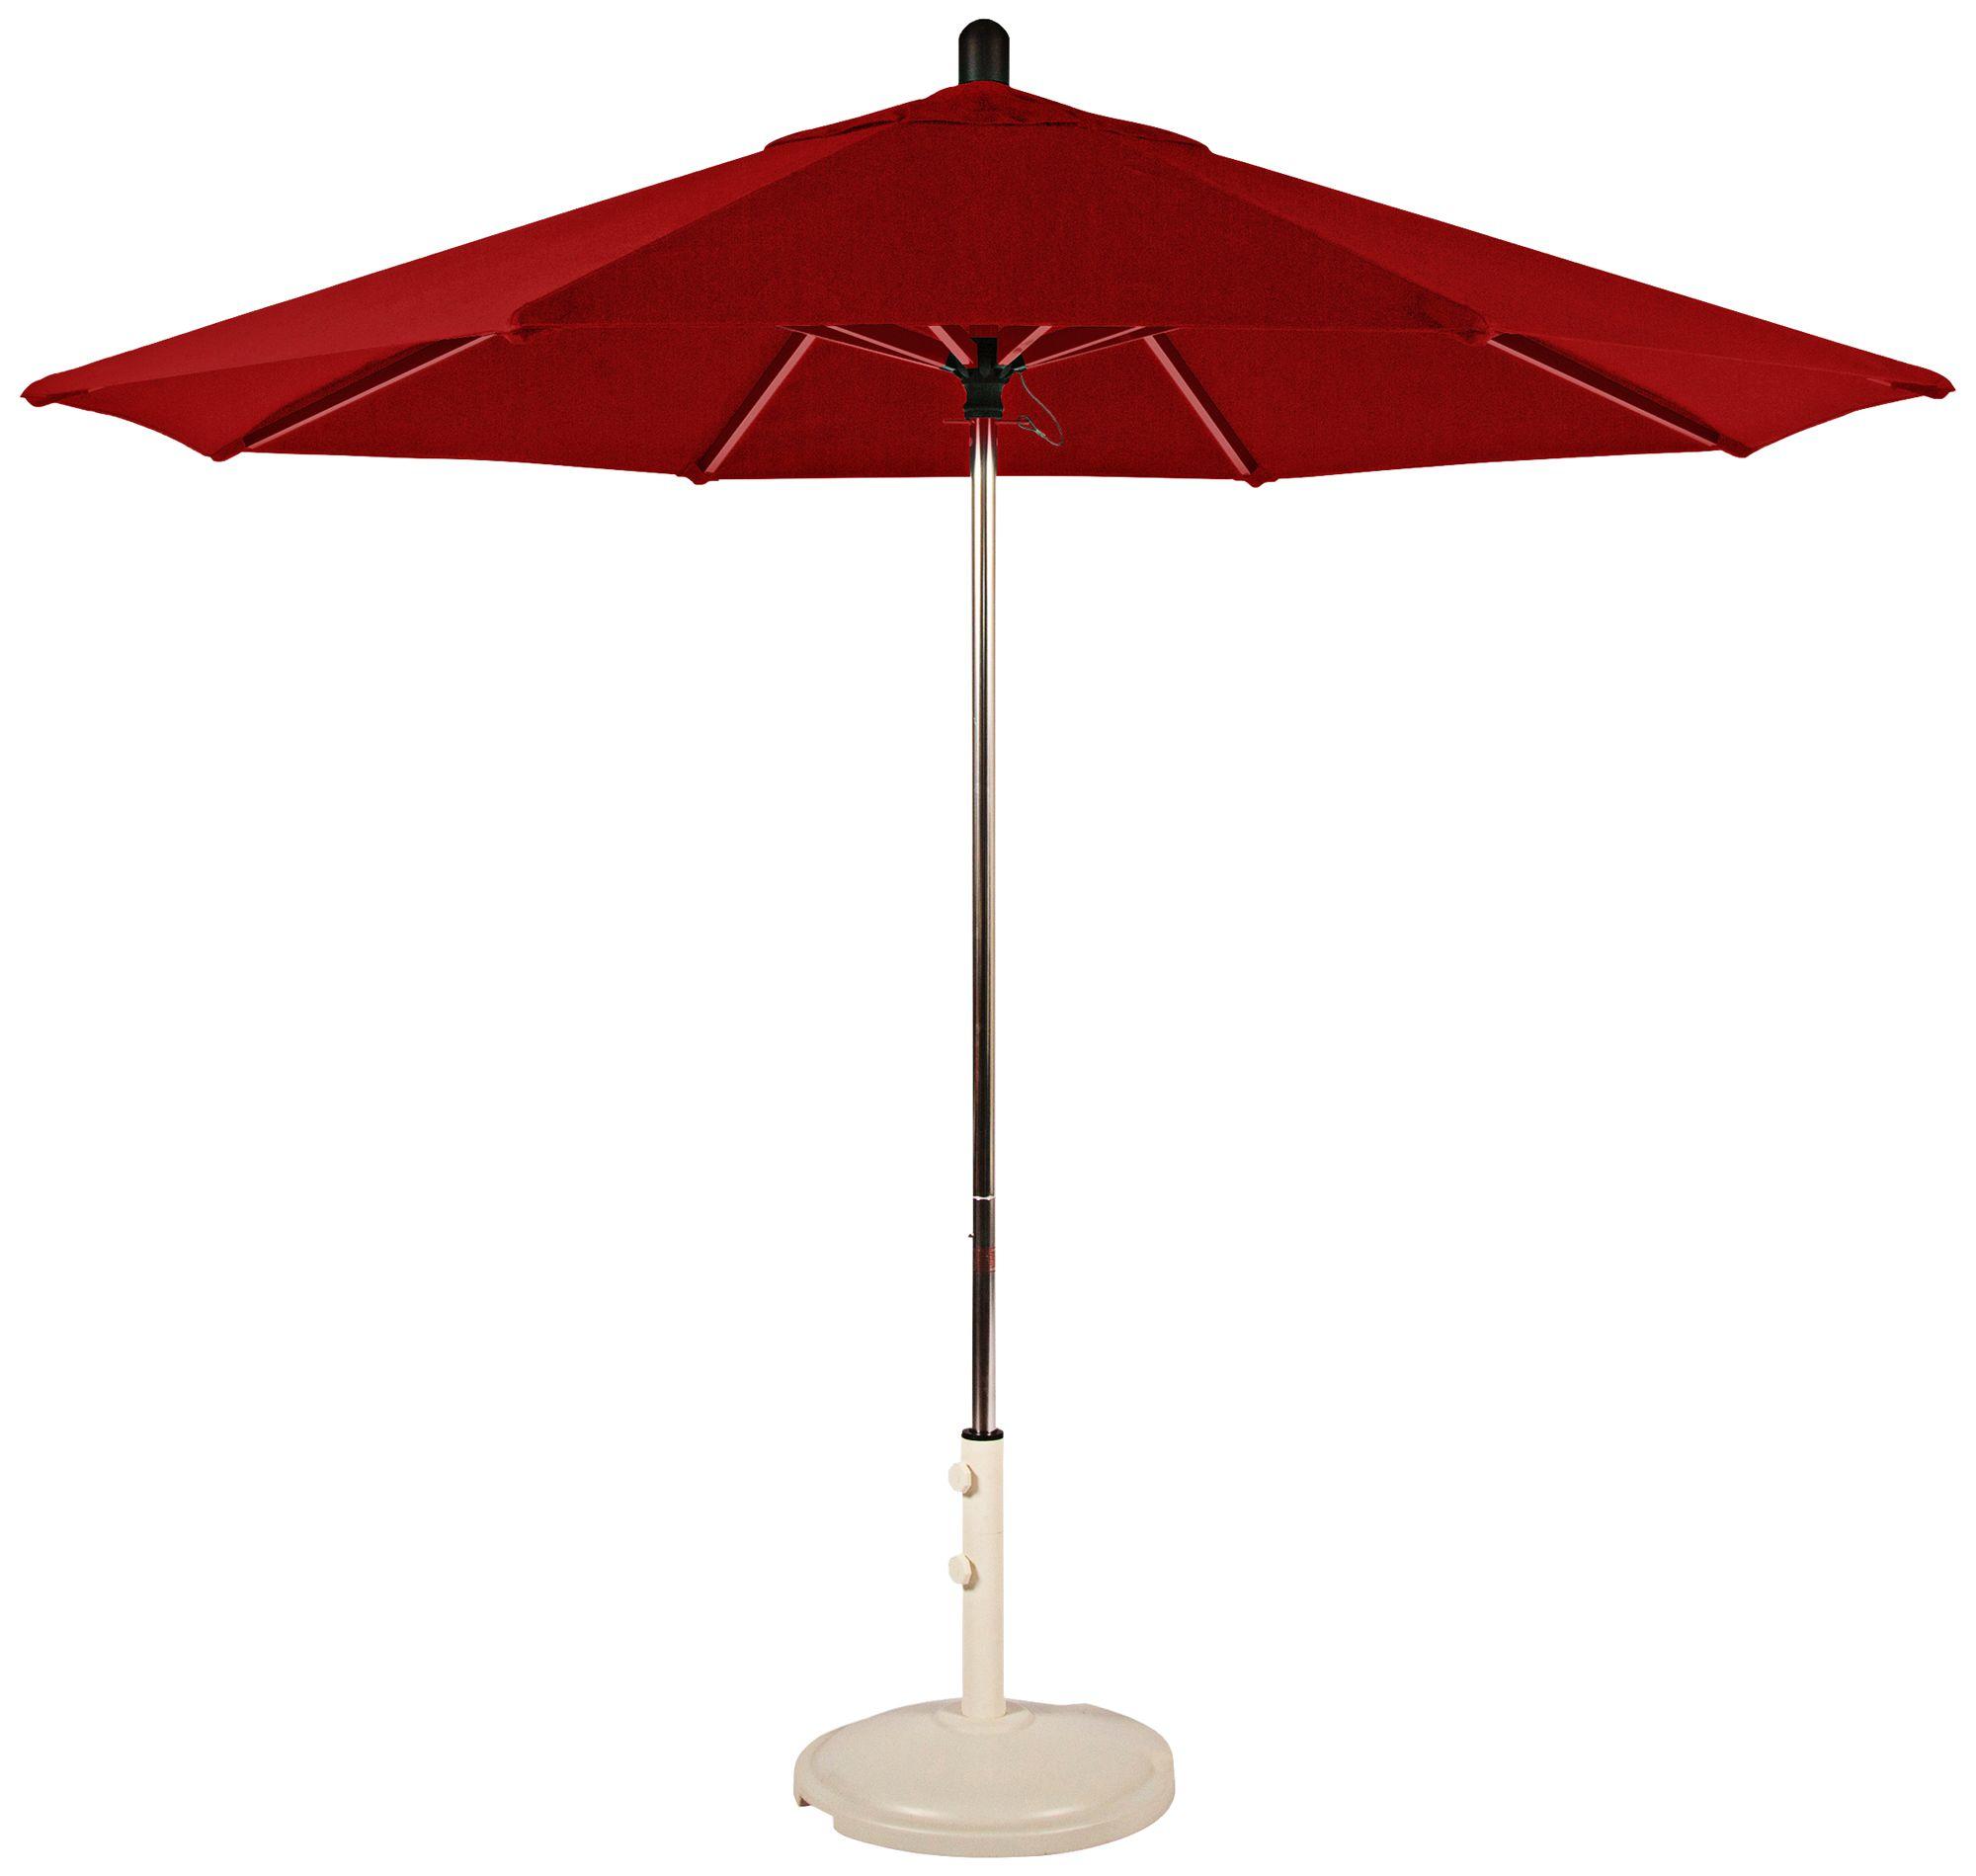 Santa Barbara 8 3/4 Foot Jockey Red Sunbrella Patio